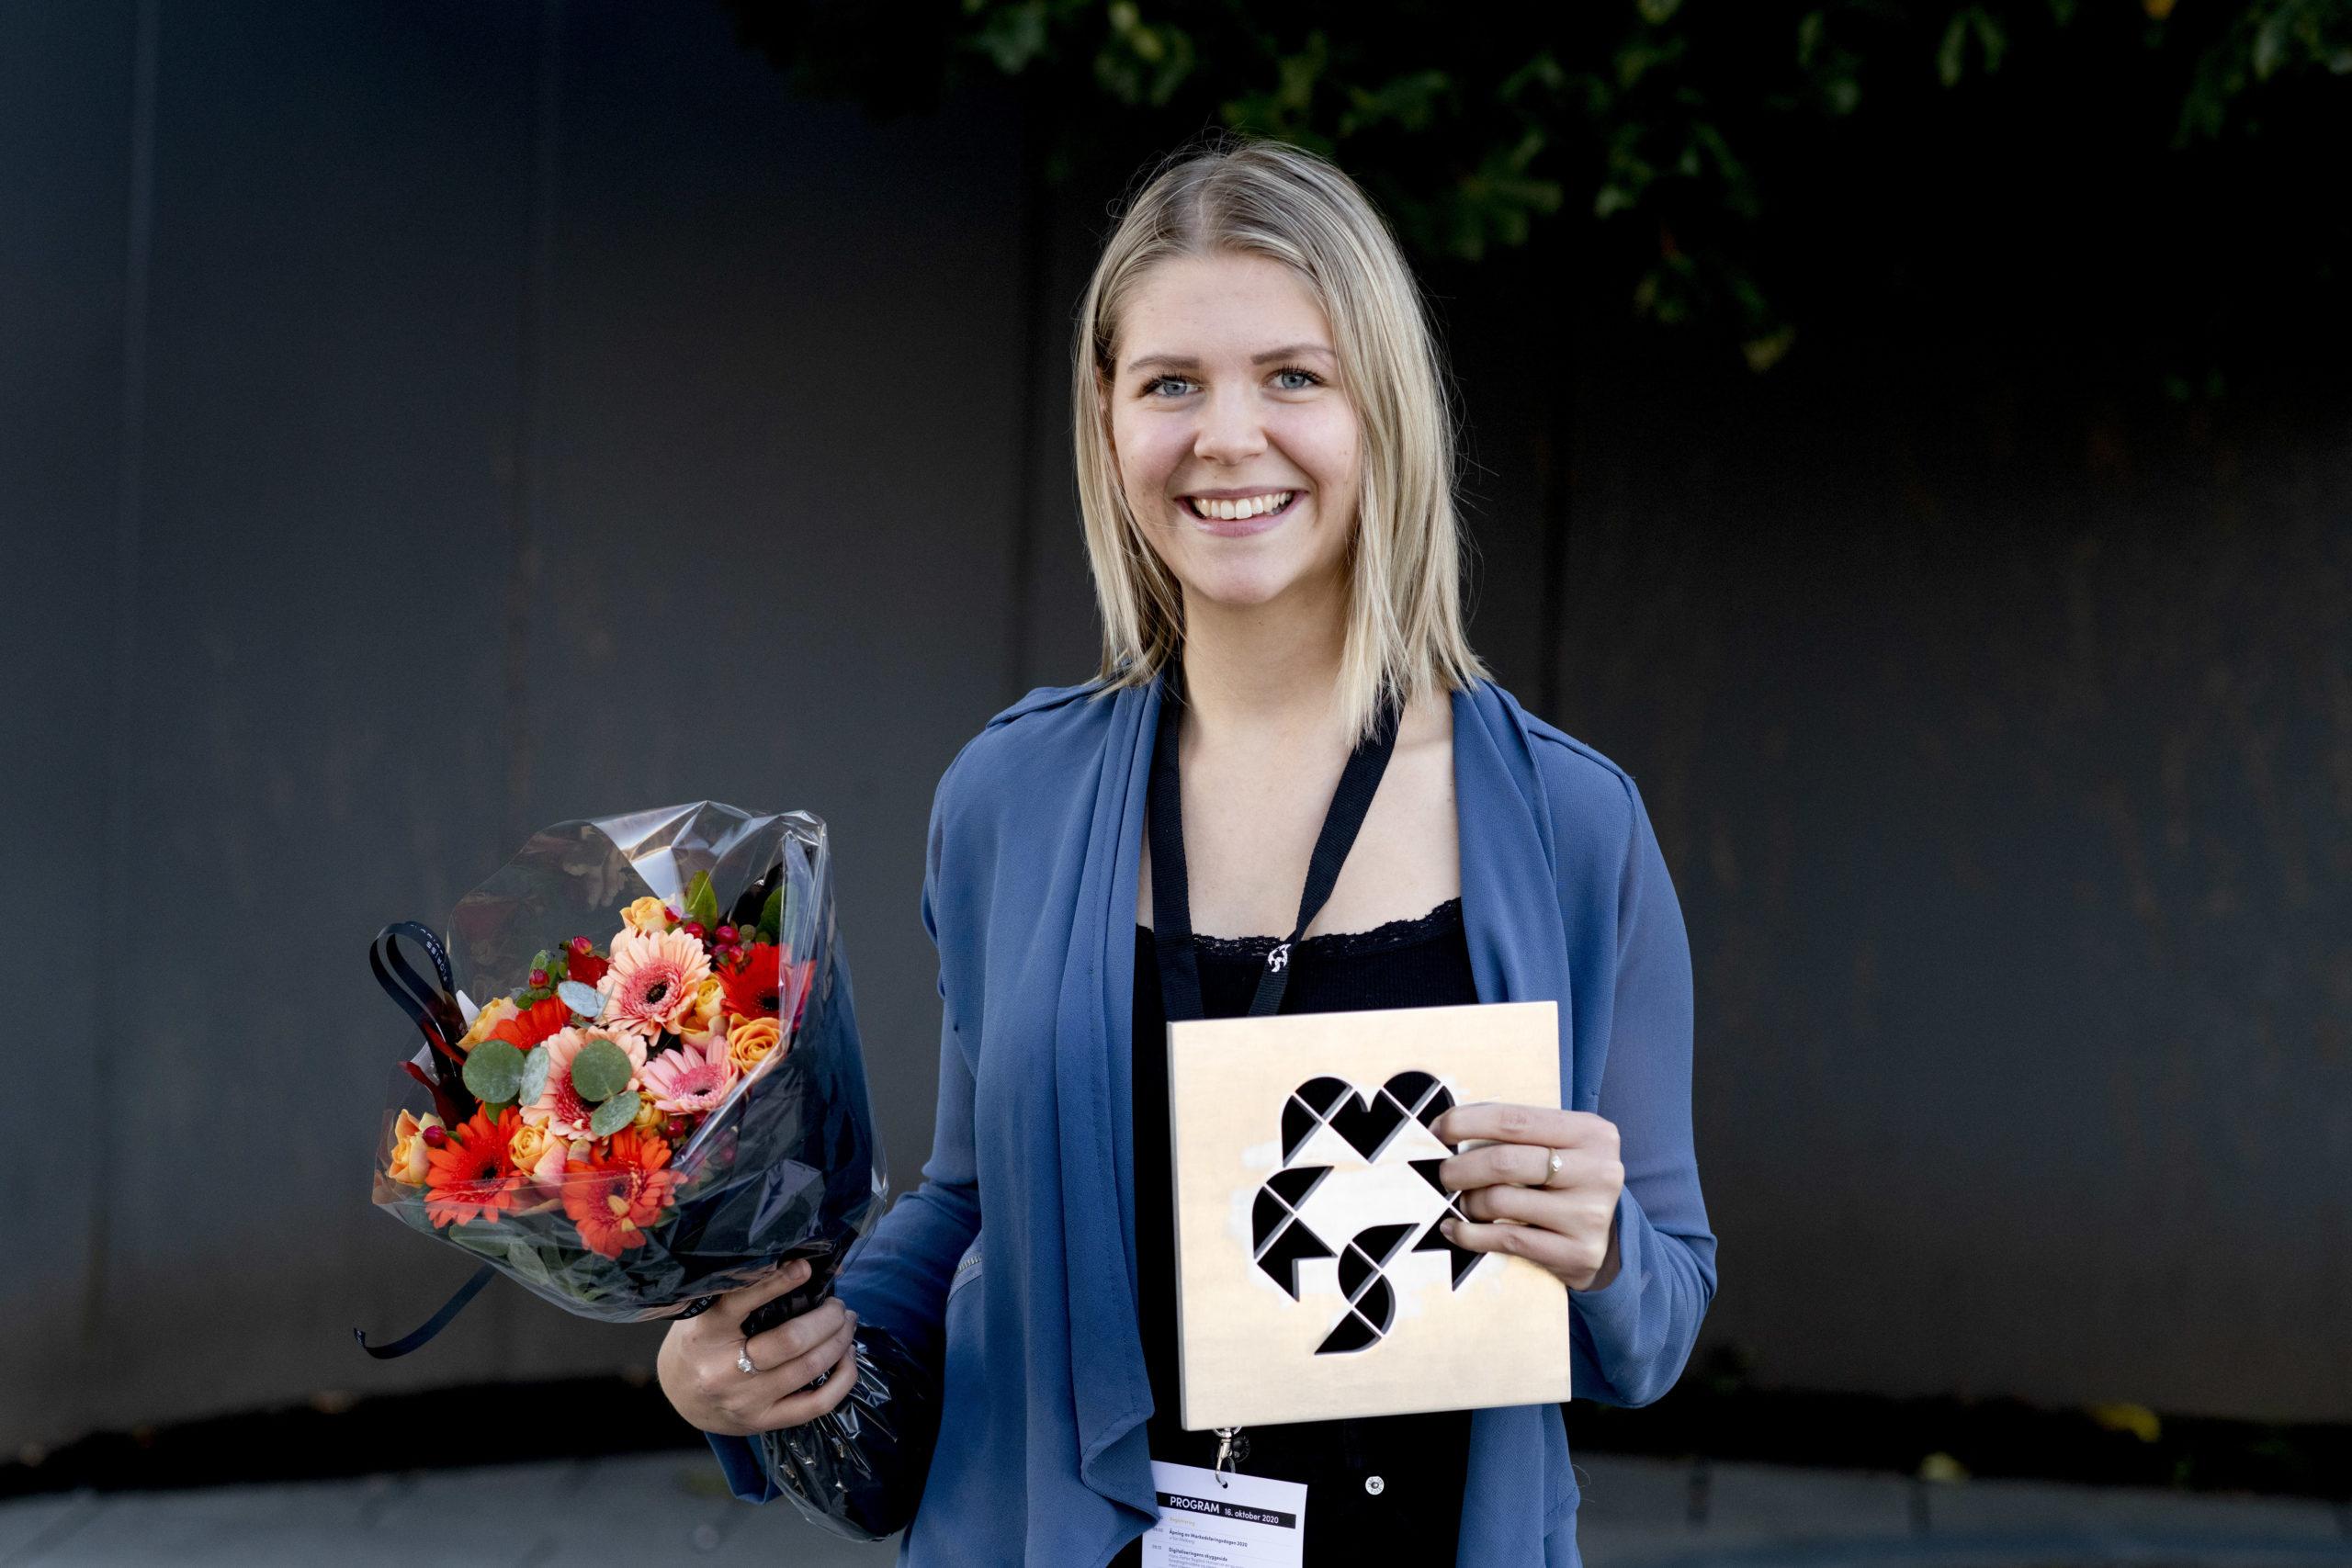 Årets Unge Markedsfører 2019: Cecilie Refsnes Milenkovic (RobotNorge). Foto: Jan Inge Haga